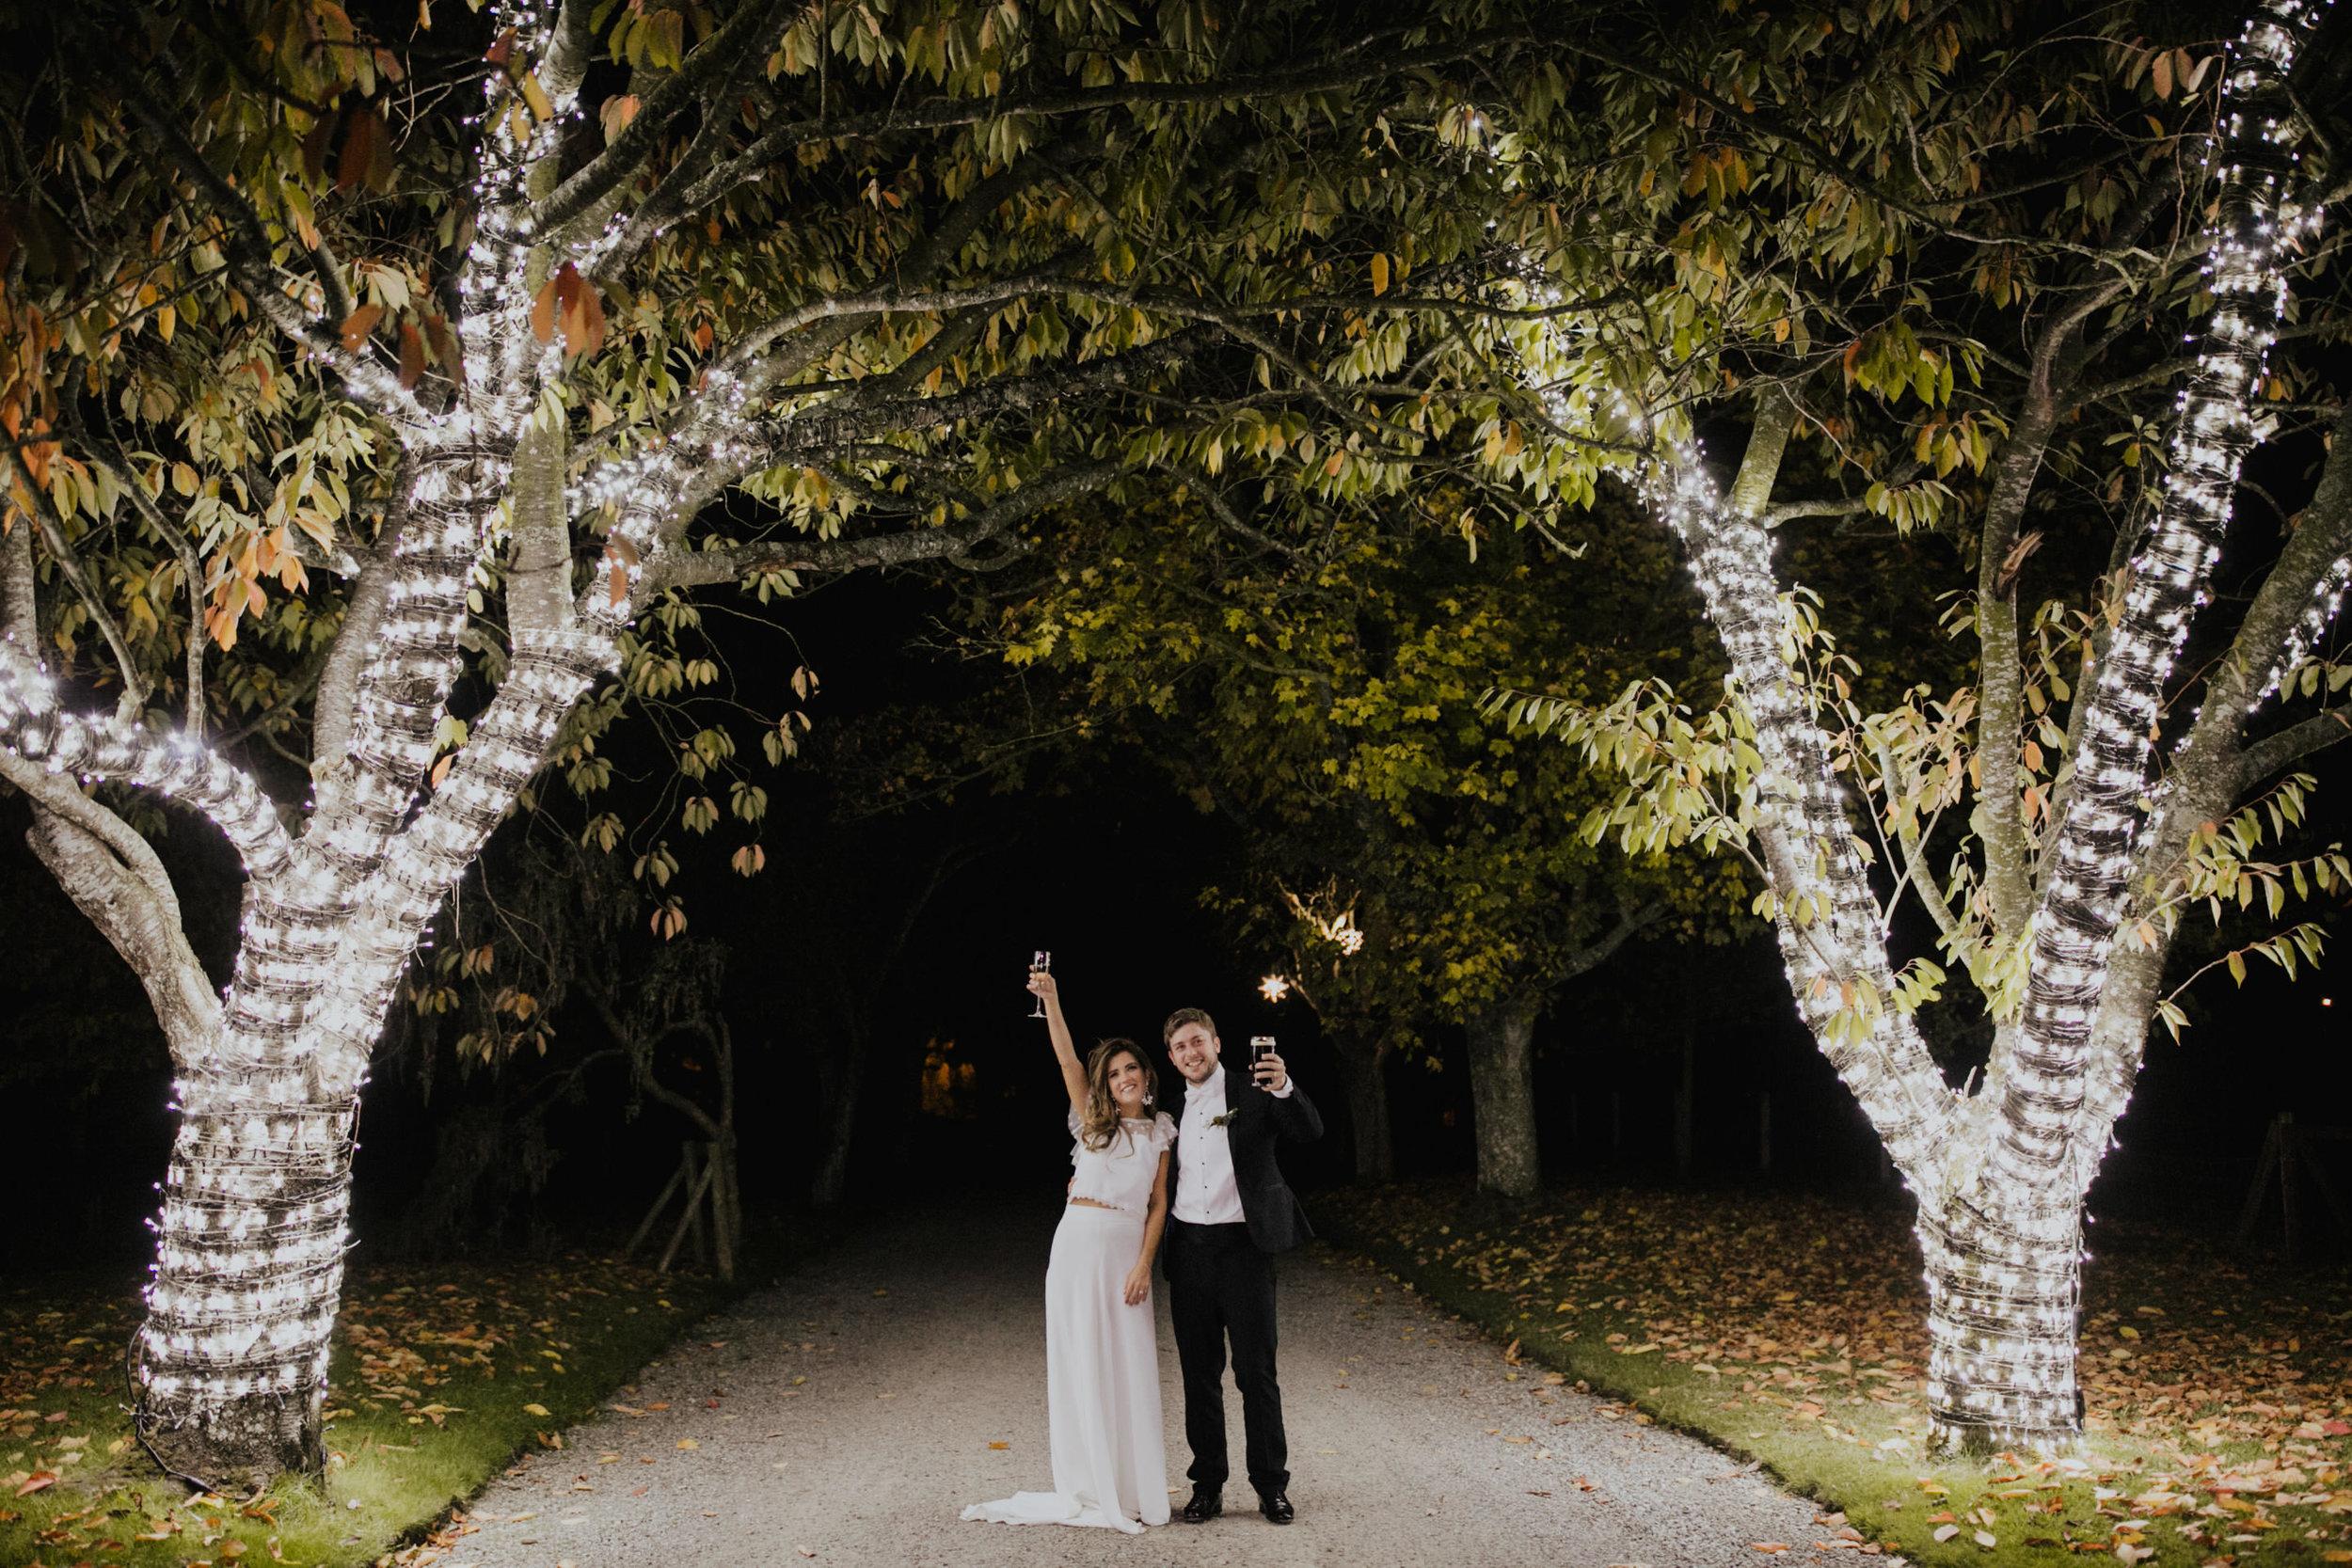 a&s_ballymagarvey_village_wedding_photographer_livia_figueiredo_5